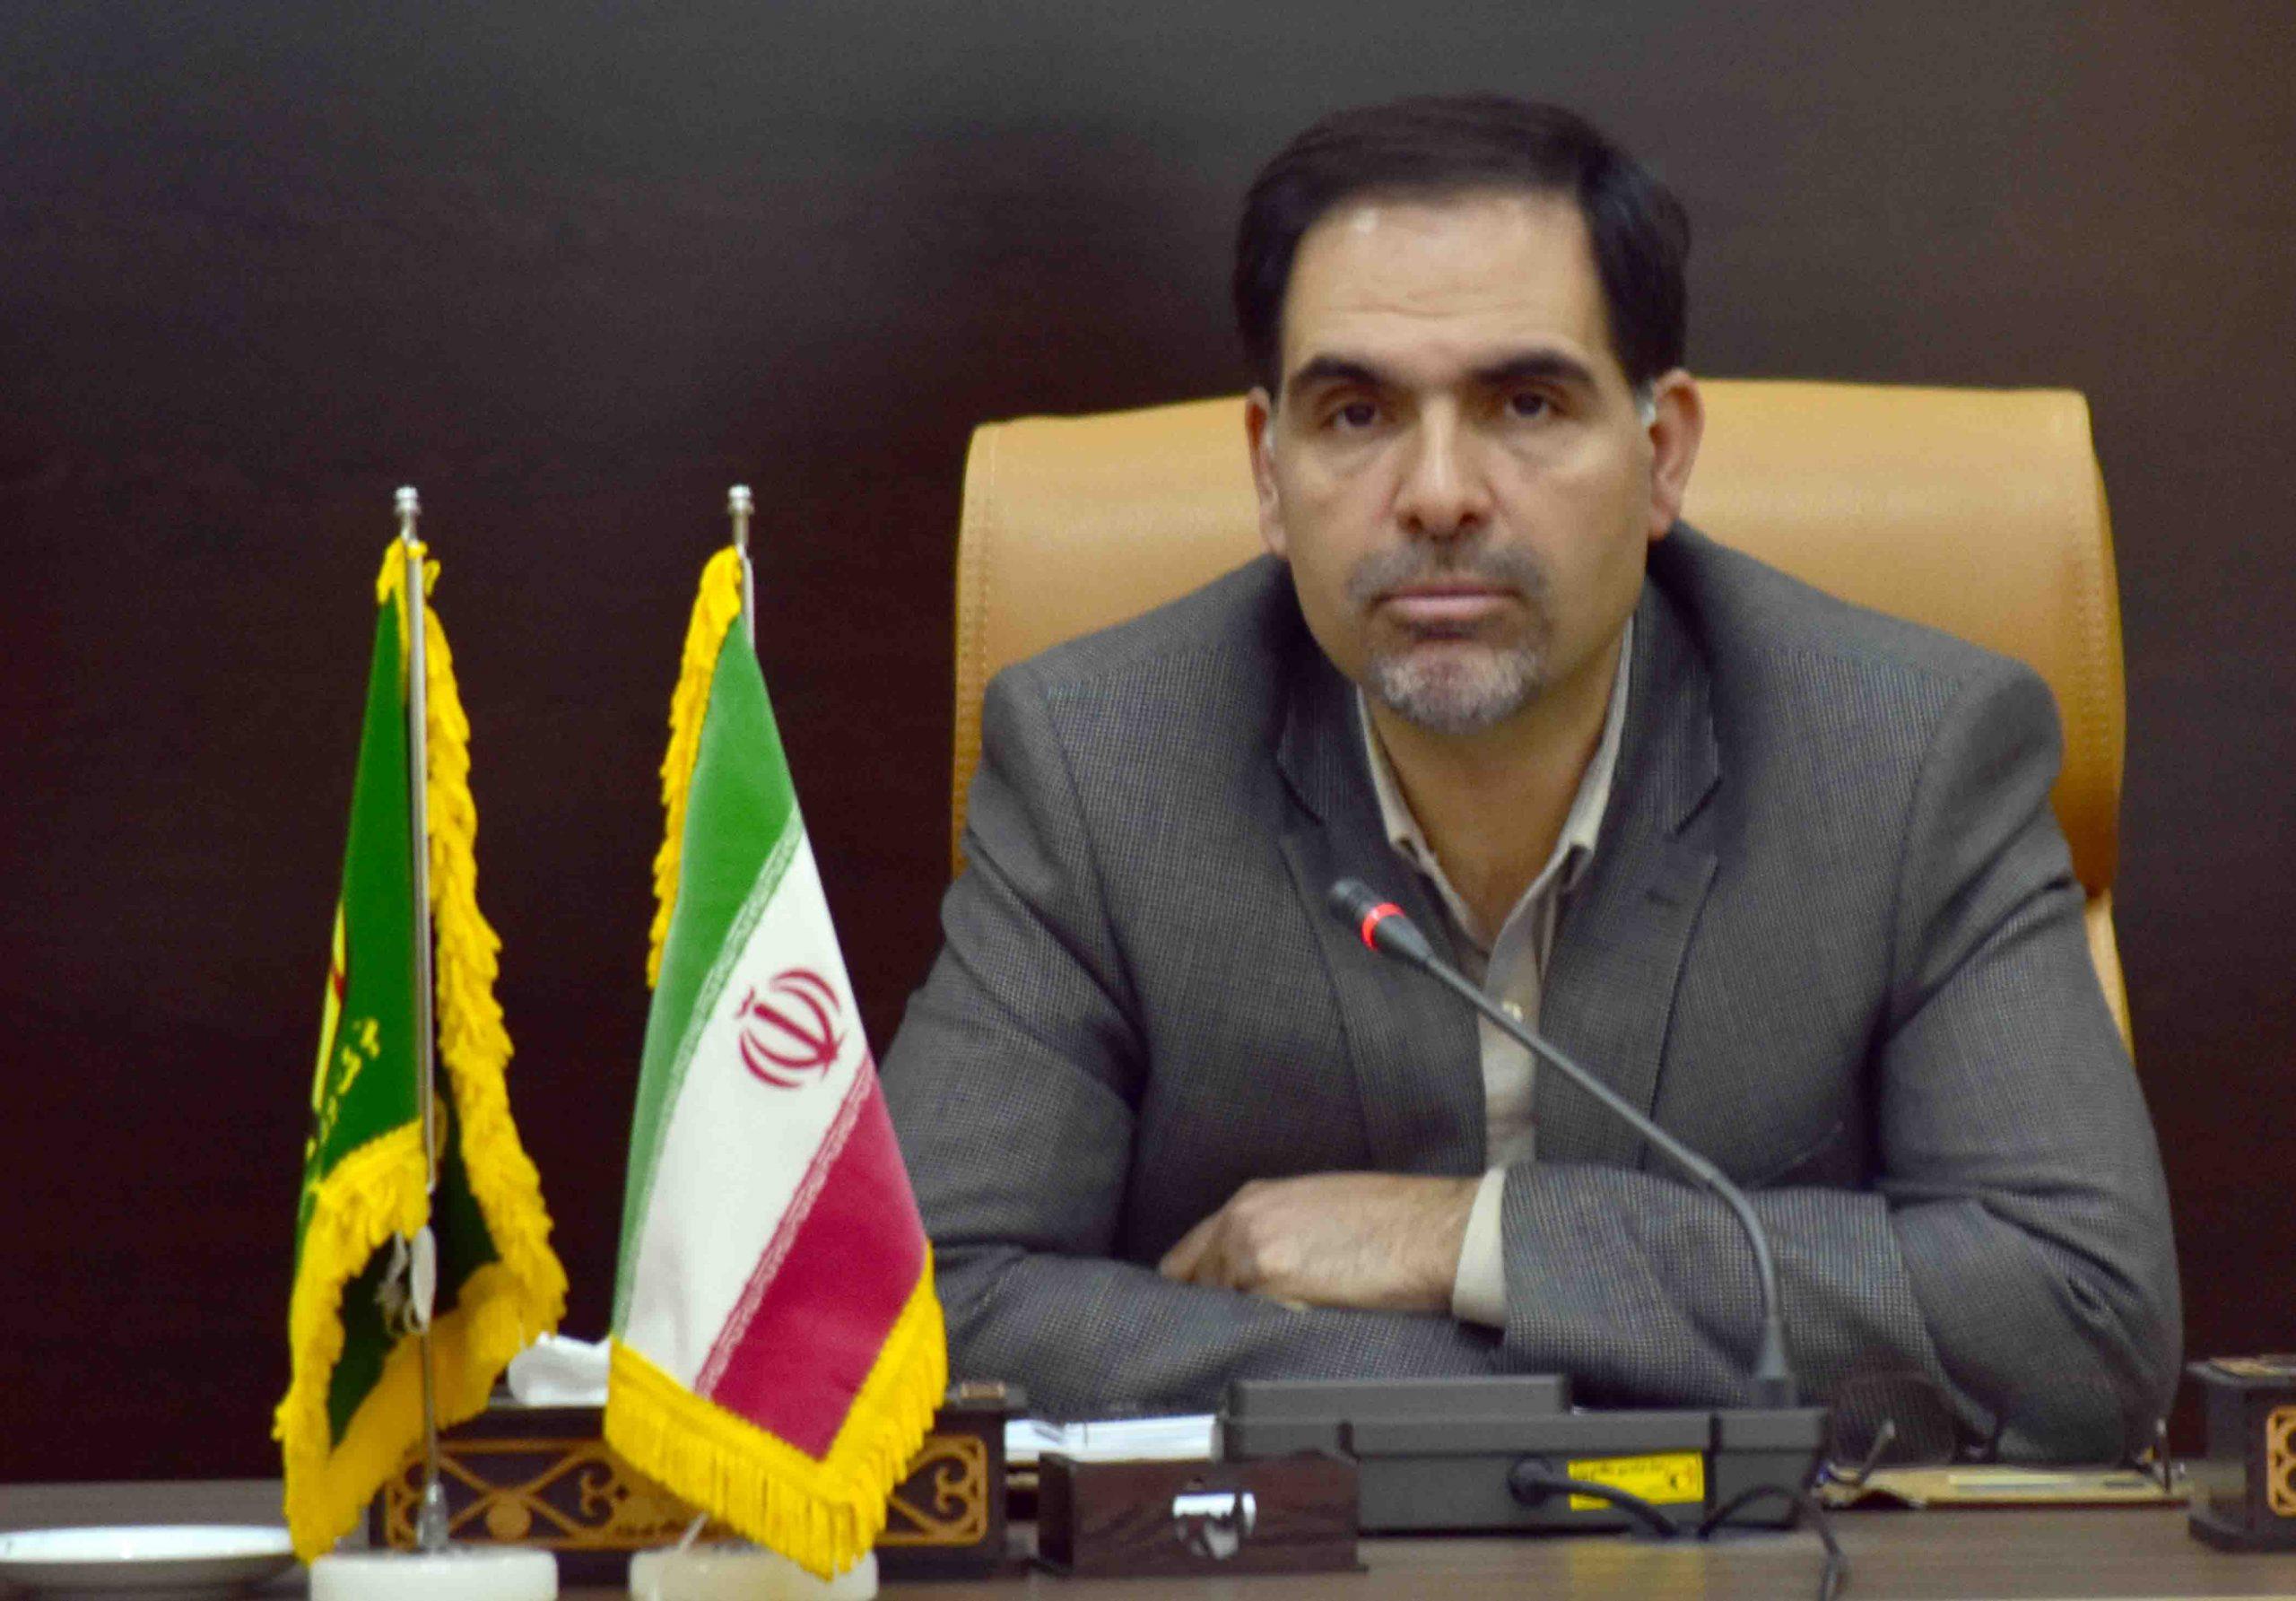 انتصاب رئیس شورای پایایی منطقه ای شبکه برق یزد